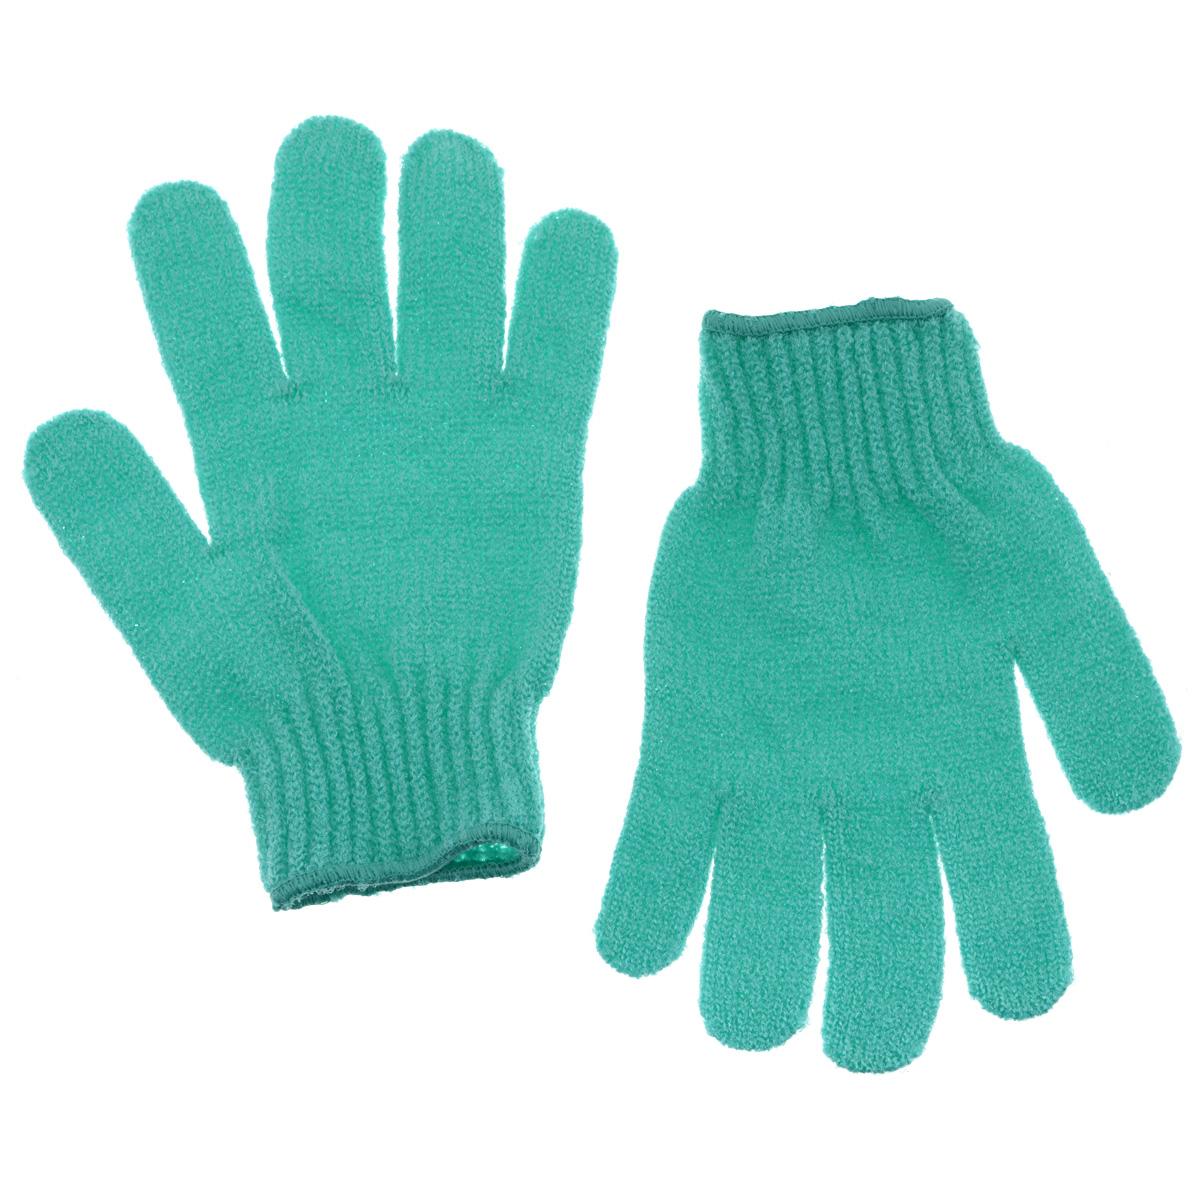 Riffi Перчатки для пилинга, цвет: бирюзовый615_бирюзовыйЭластичные безразмерные перчатки Riffi обладают активным антицеллюлитным эффектом и отличным пилинговым действием, тонизируя, массируя и эффективно очищая вашу кожу. Riffi освобождает кожу от отмерших клеток, стимулирует регенерацию. Эффективно предупреждают образование целлюлита и обеспечивают омолаживающий эффект. Кожа становится гладкой, упругой и лучше готовой к принятию косметических средств. Интенсивный и пощипывающе свежий массаж тела с применением Riffi стимулирует кровообращение, активирует кровоснабжение, способствует обмену веществ. В комплекте 1 пара перчаток. Характеристики: Материал: 100% полиакрил. Размер перчатки (в нерастянутом виде): 17,5 см x 12,5 см. Артикул: 615.